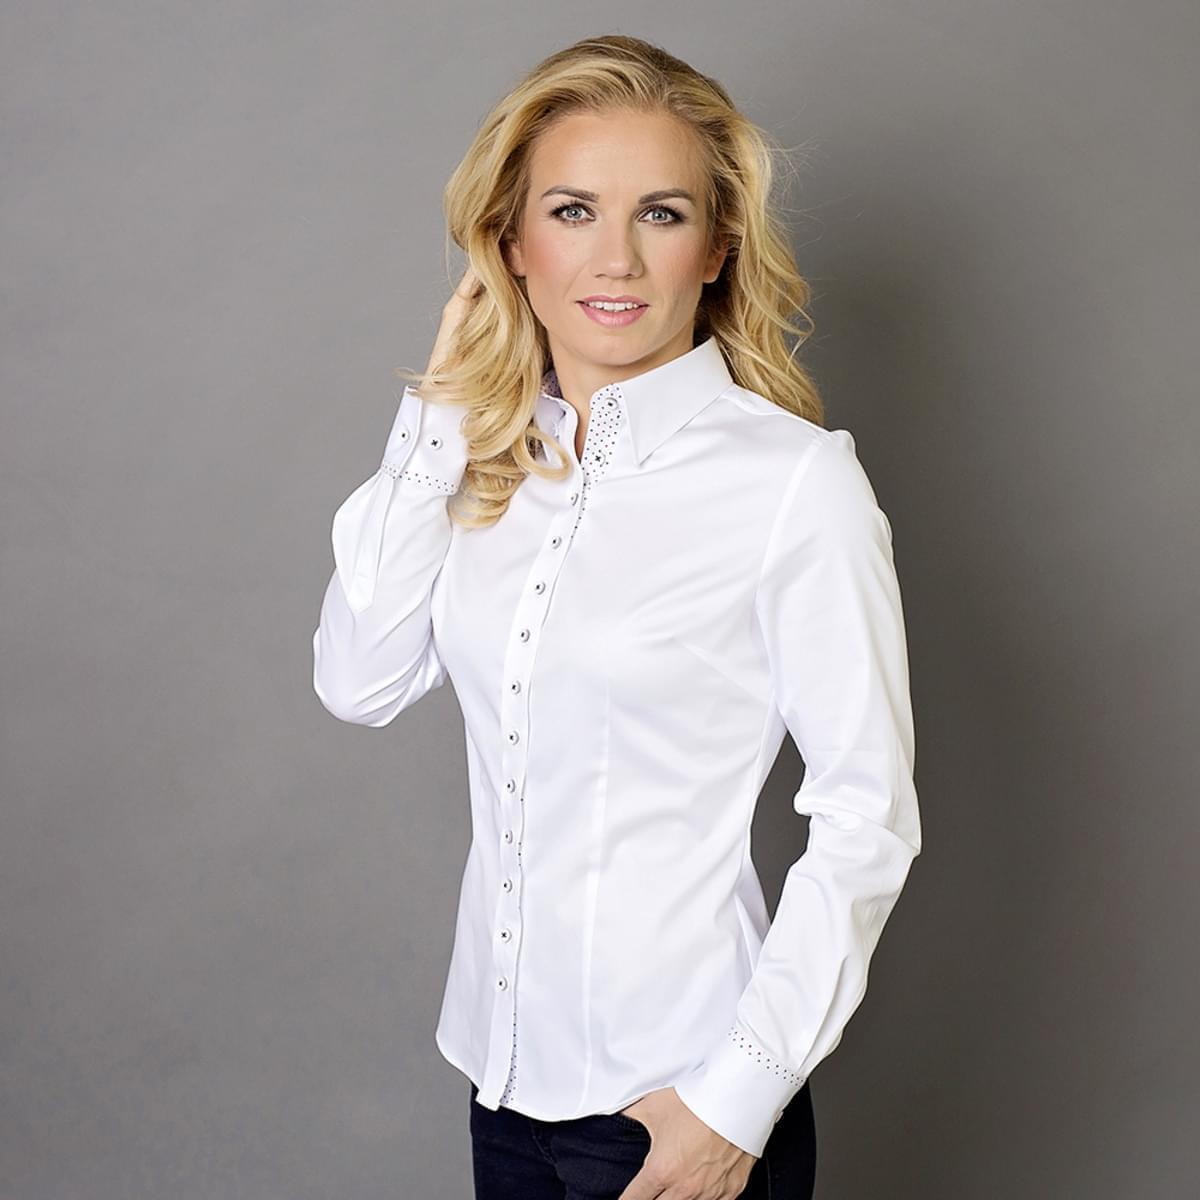 Dámská košile Willsoor 7685 v bílé barvě 34